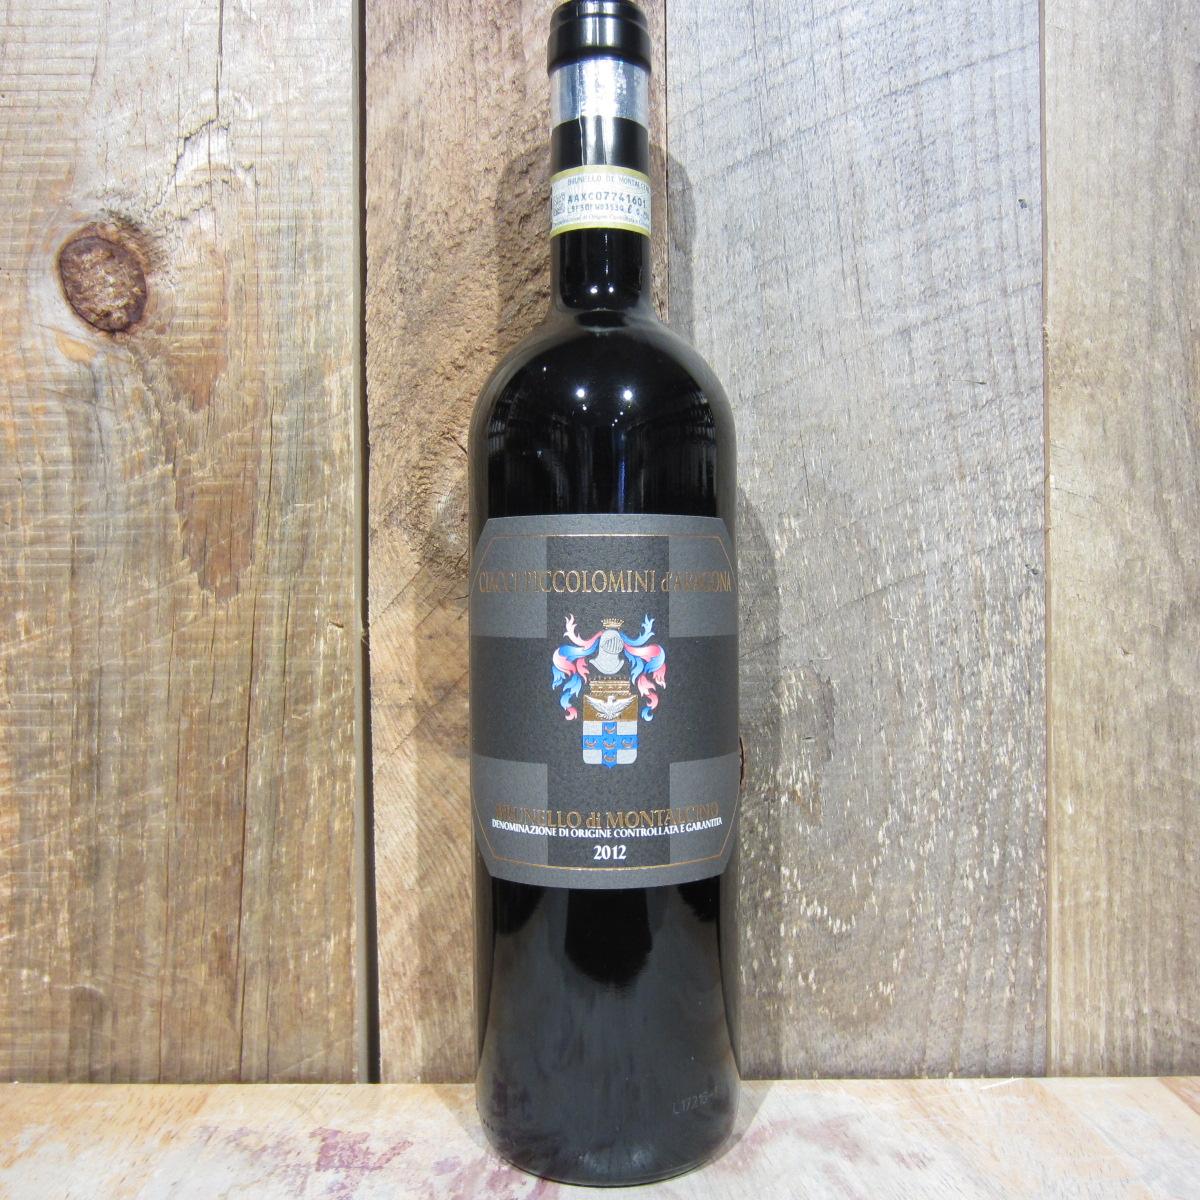 Ciacci Piccolomini Brunello di Montalcino 2016 750ml